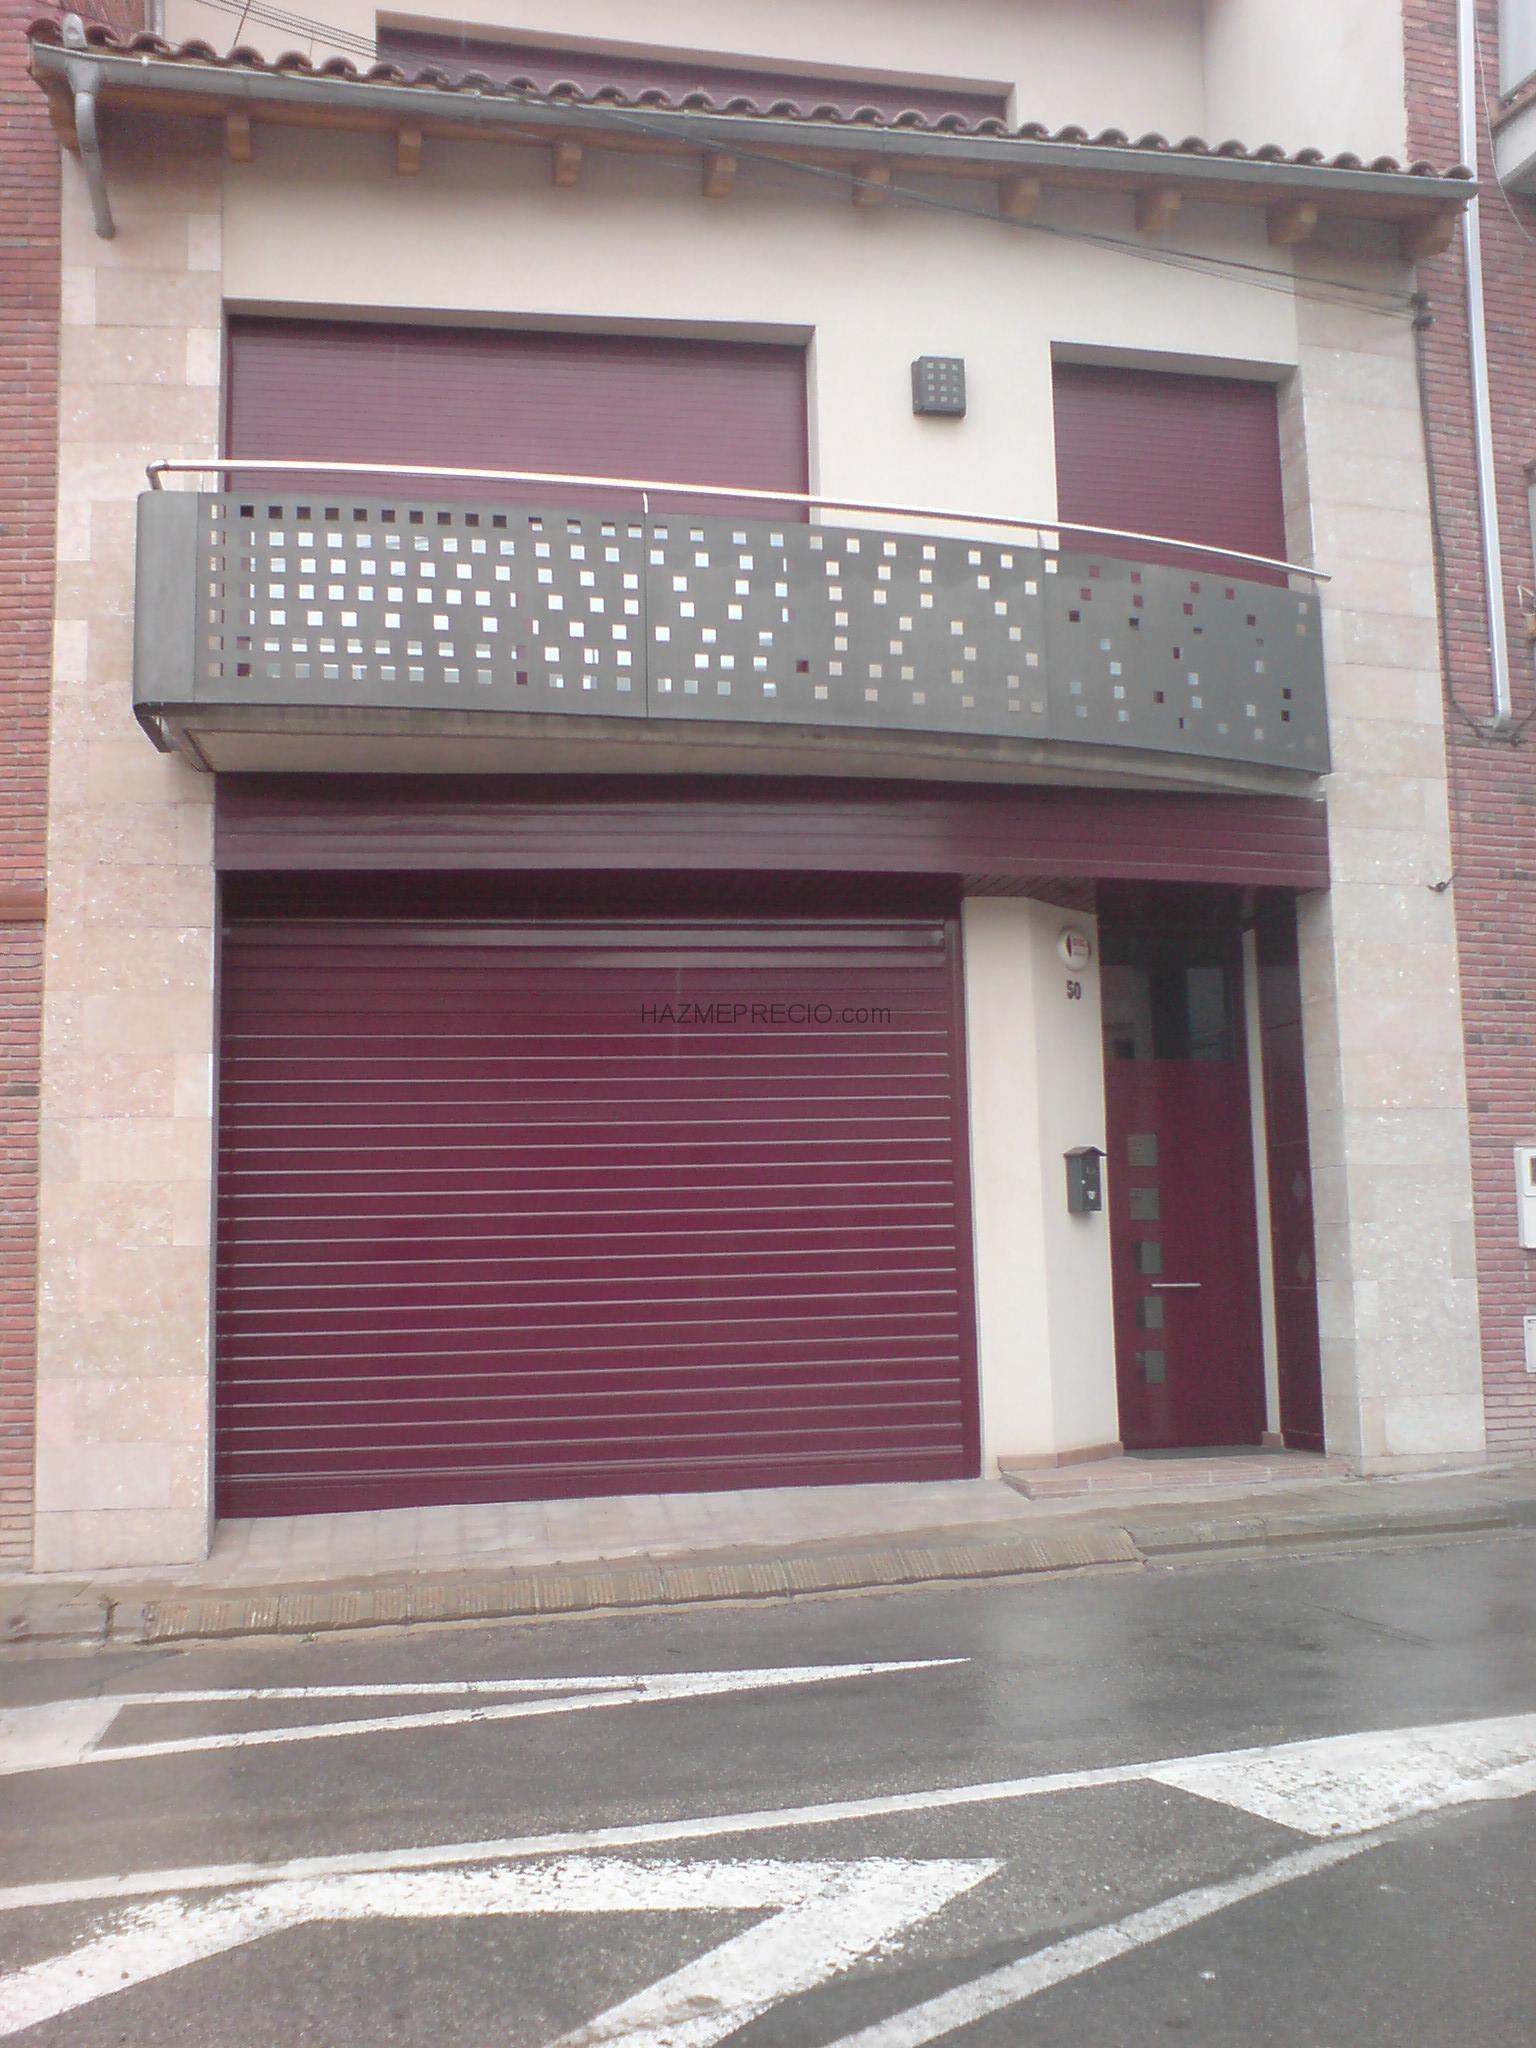 Presupuesto para cambiar carpinter a de aluminio en montorn s del vall s barcelona - Presupuesto cambiar ventanas ...